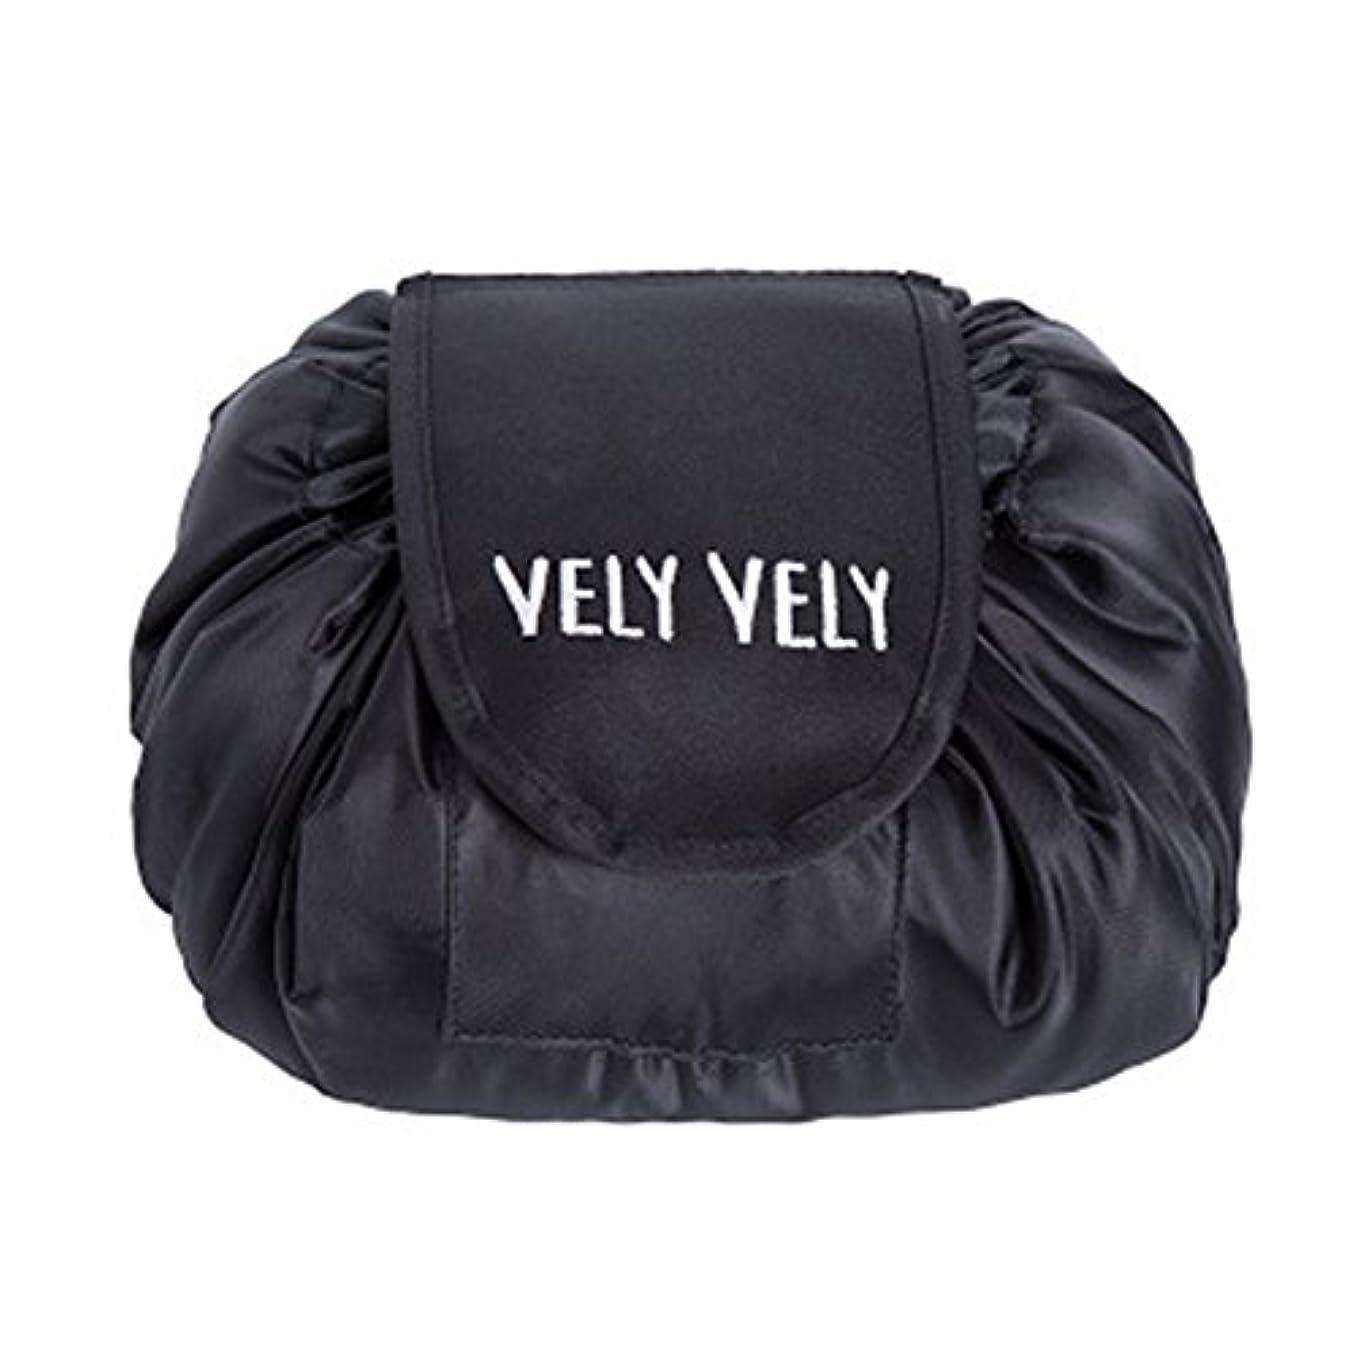 野生クスコキリンLittleliving 旅行メイクバッグ 旅行化粧バッグ メイク収納バッグ 化粧ポーチ 大容量 巾着 マジックふろしきポーチ